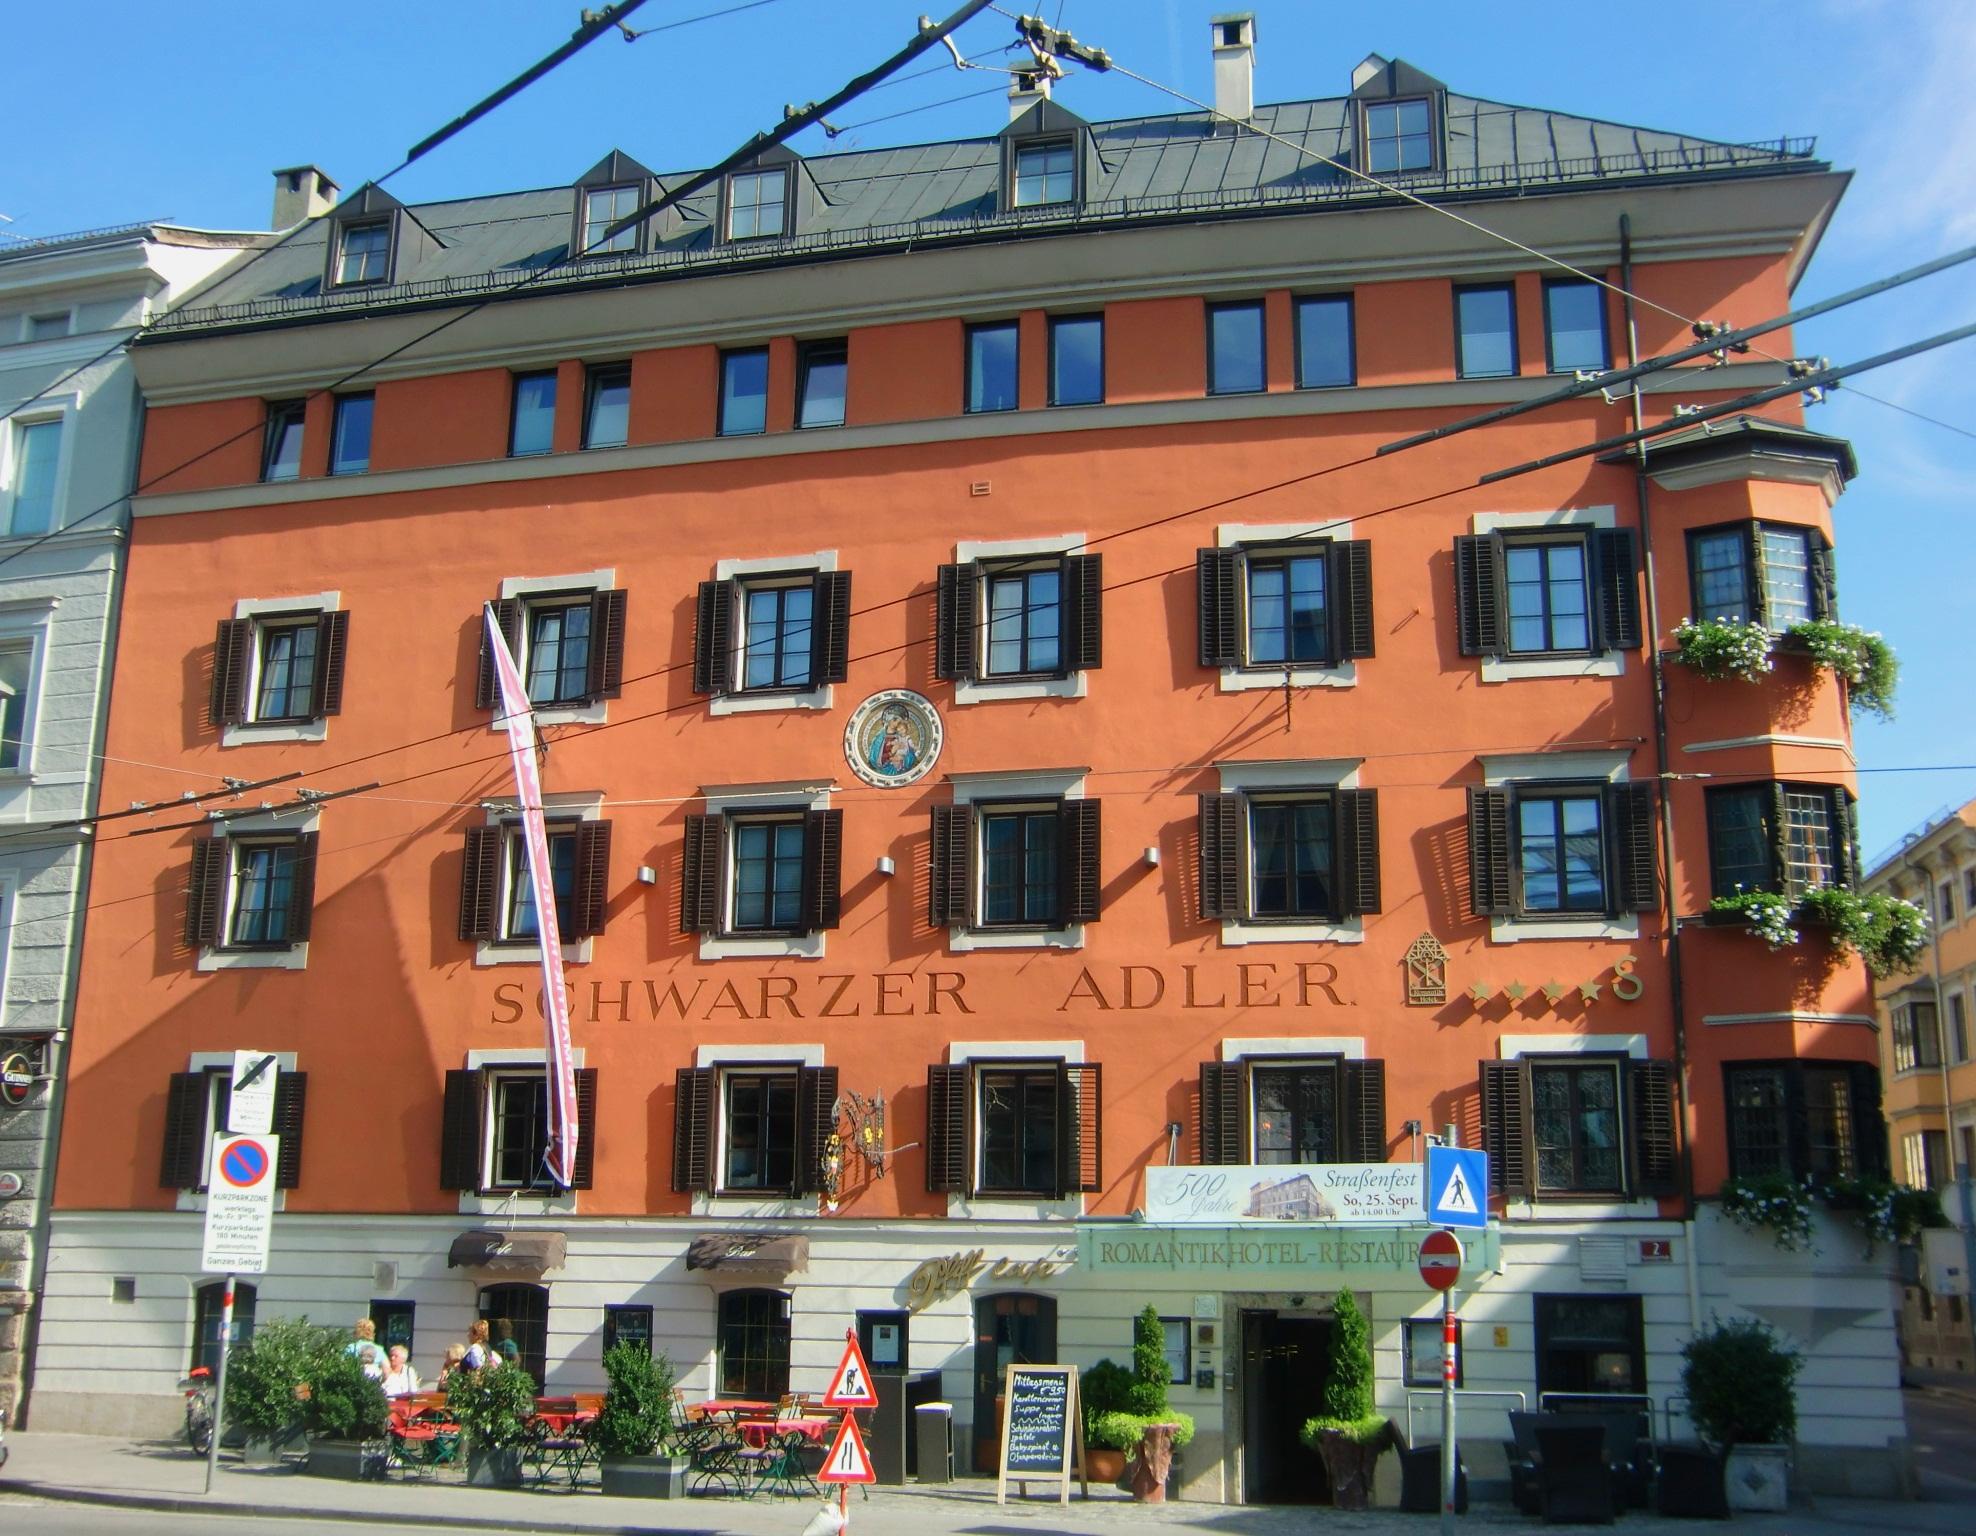 Hotel Schwarzer Adler Kitzbuhel Kitzbuhel Osterreich